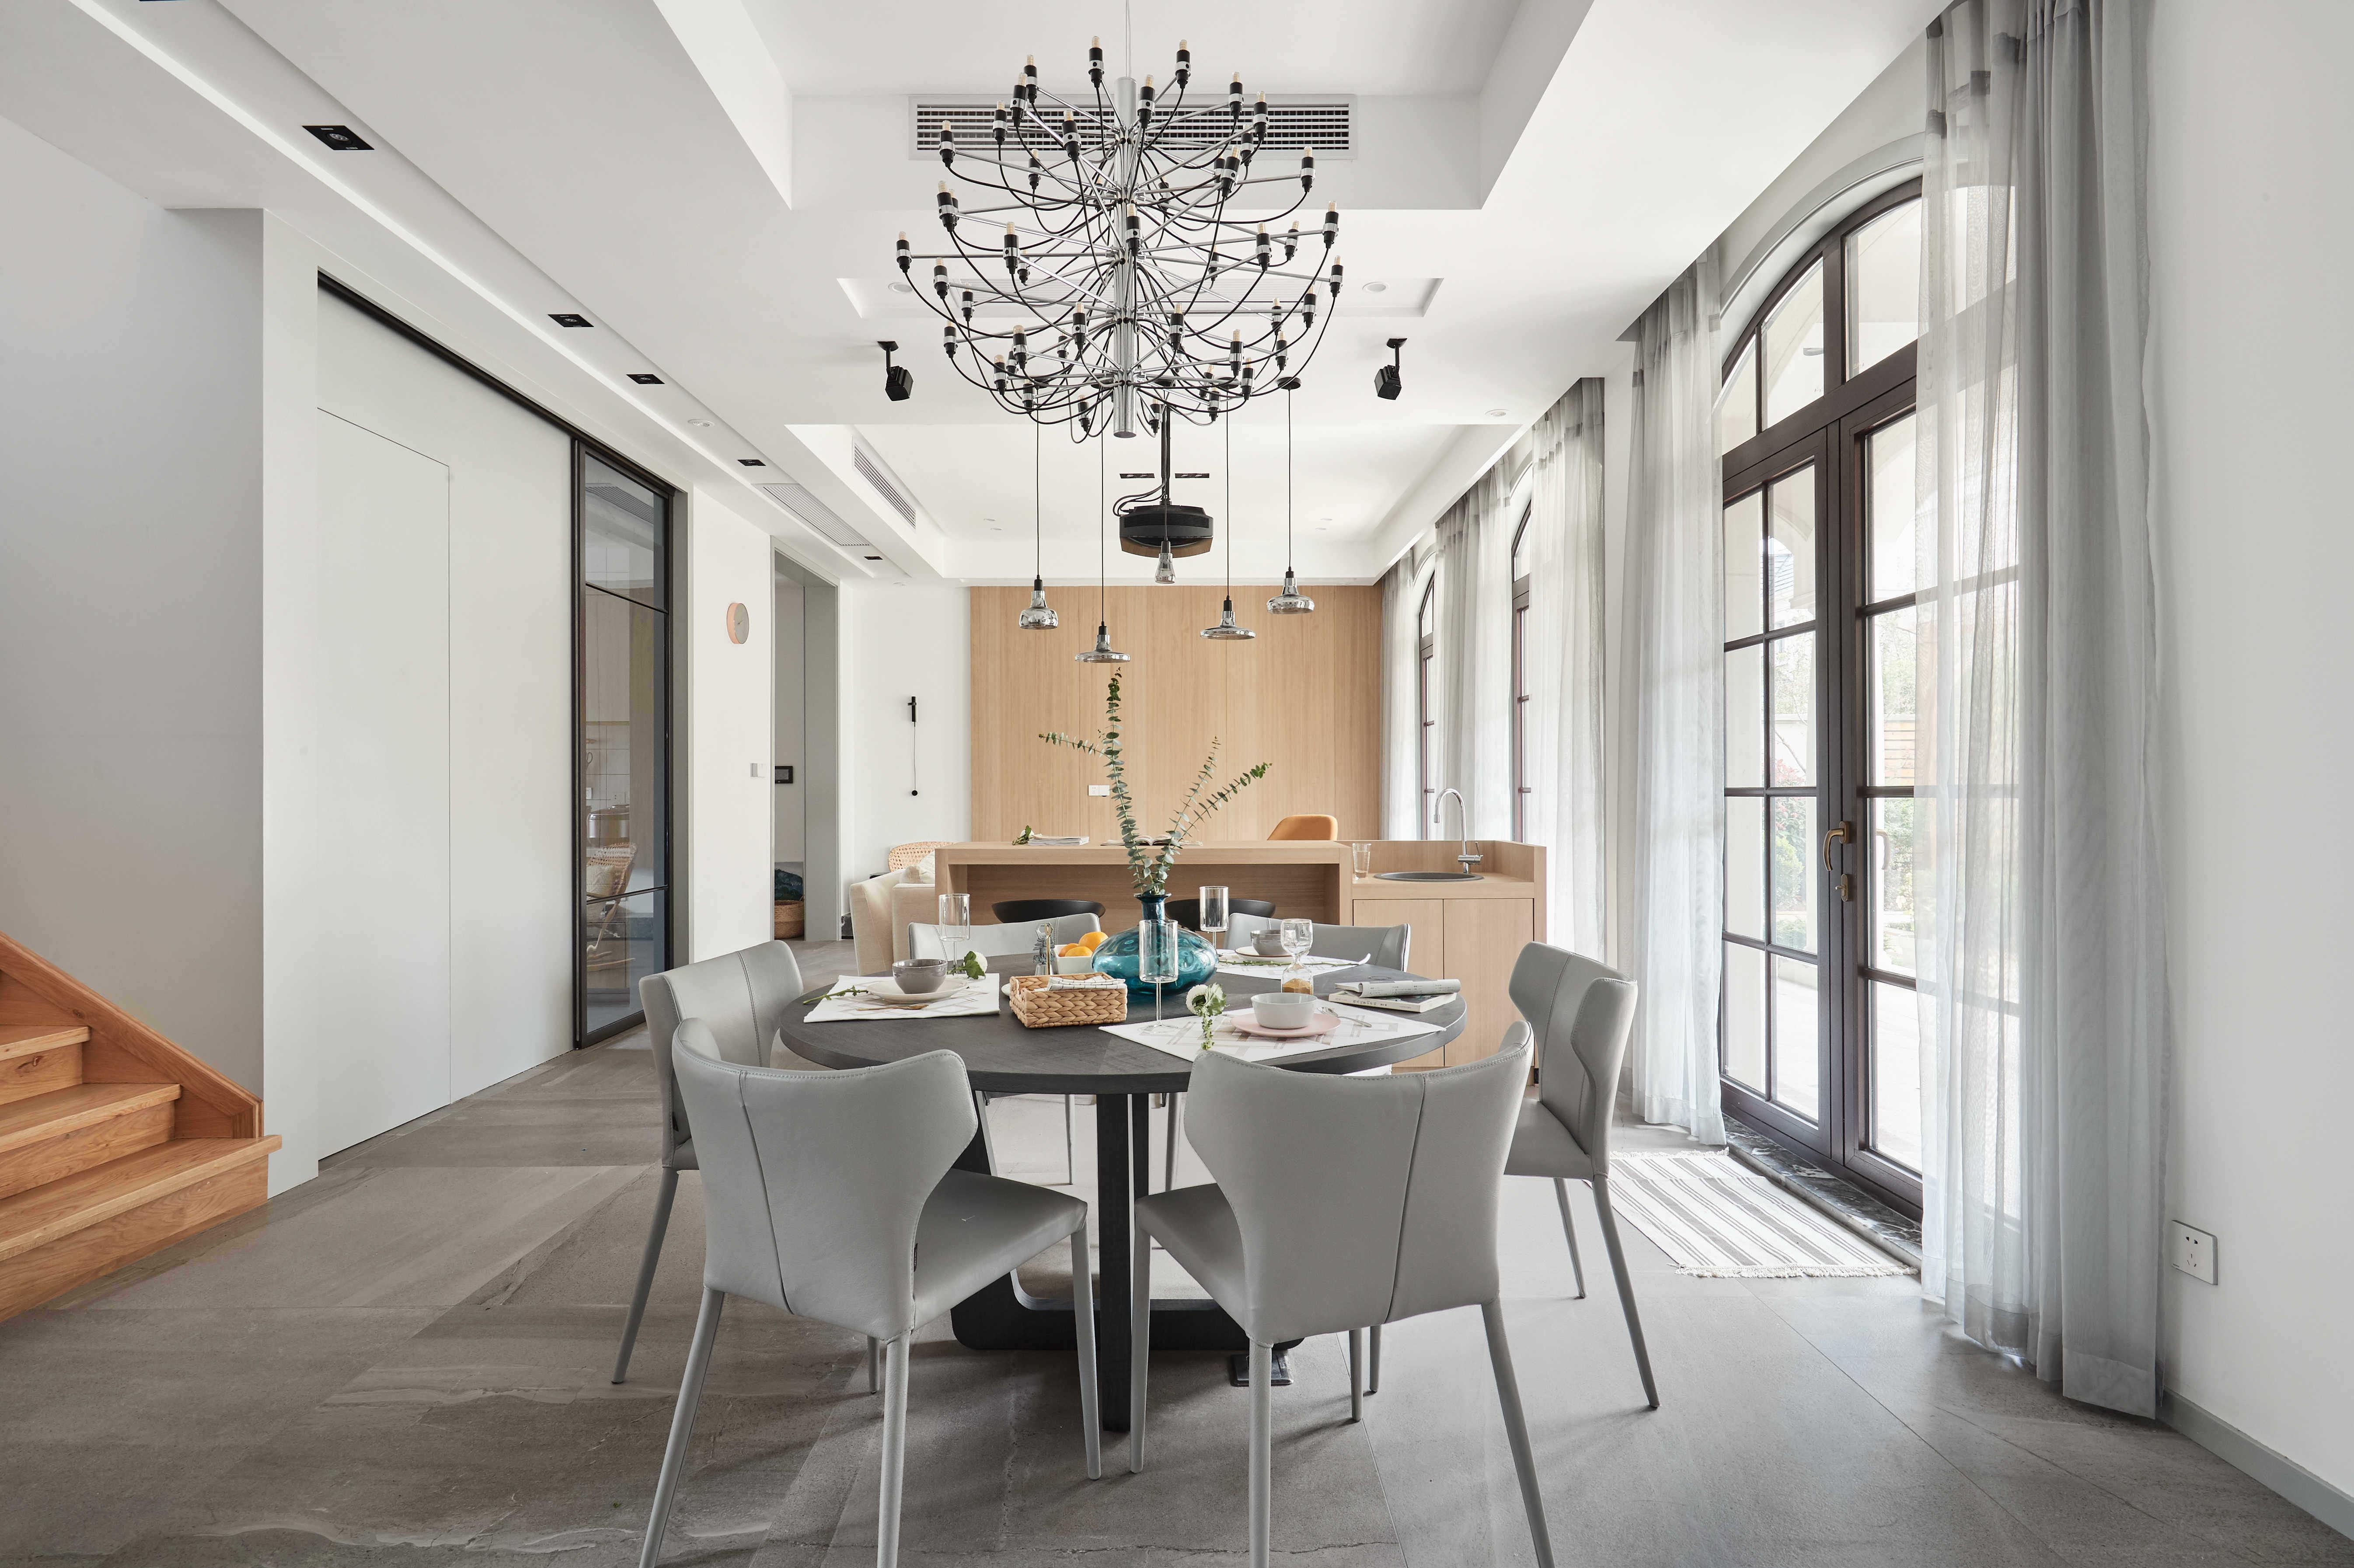 大户型休闲四居室餐厅吊顶装修效果图